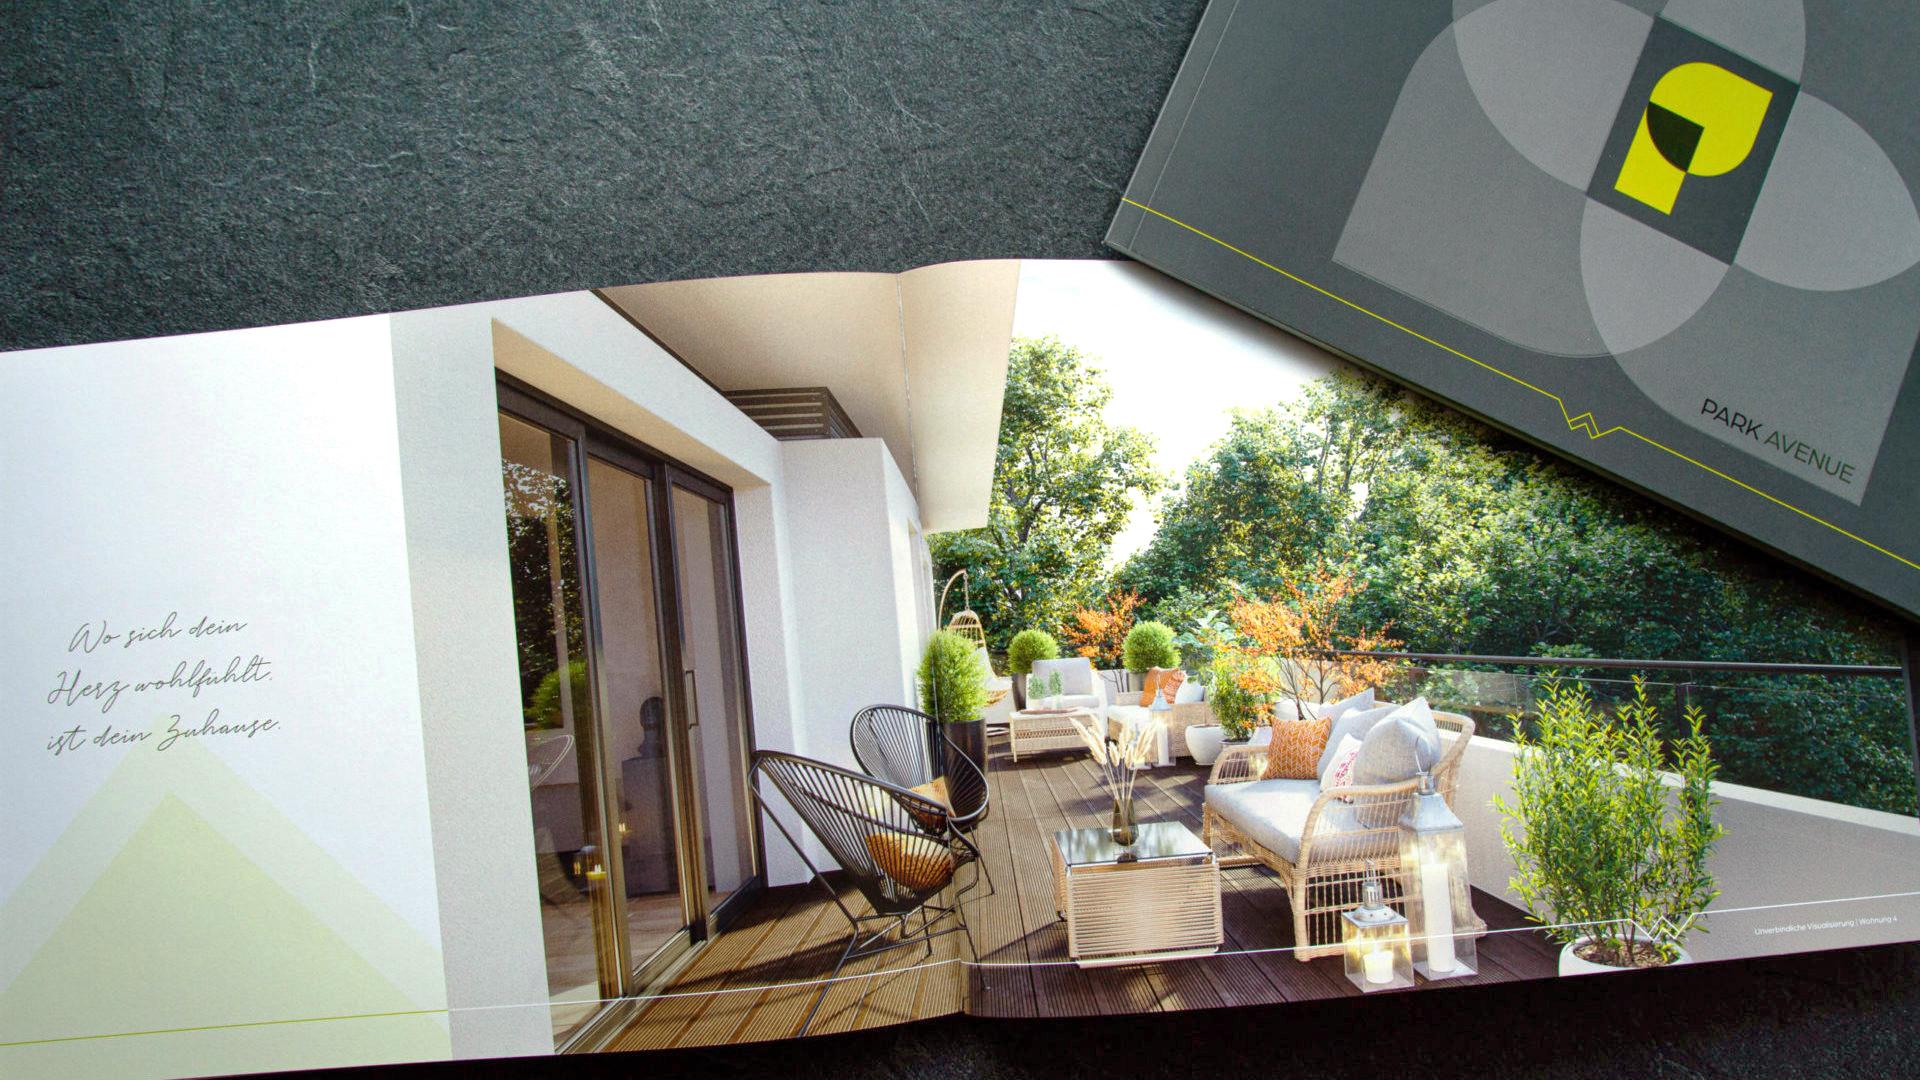 PARK-AVENUE_1_Raum_Visionen_Immobilien_marketing